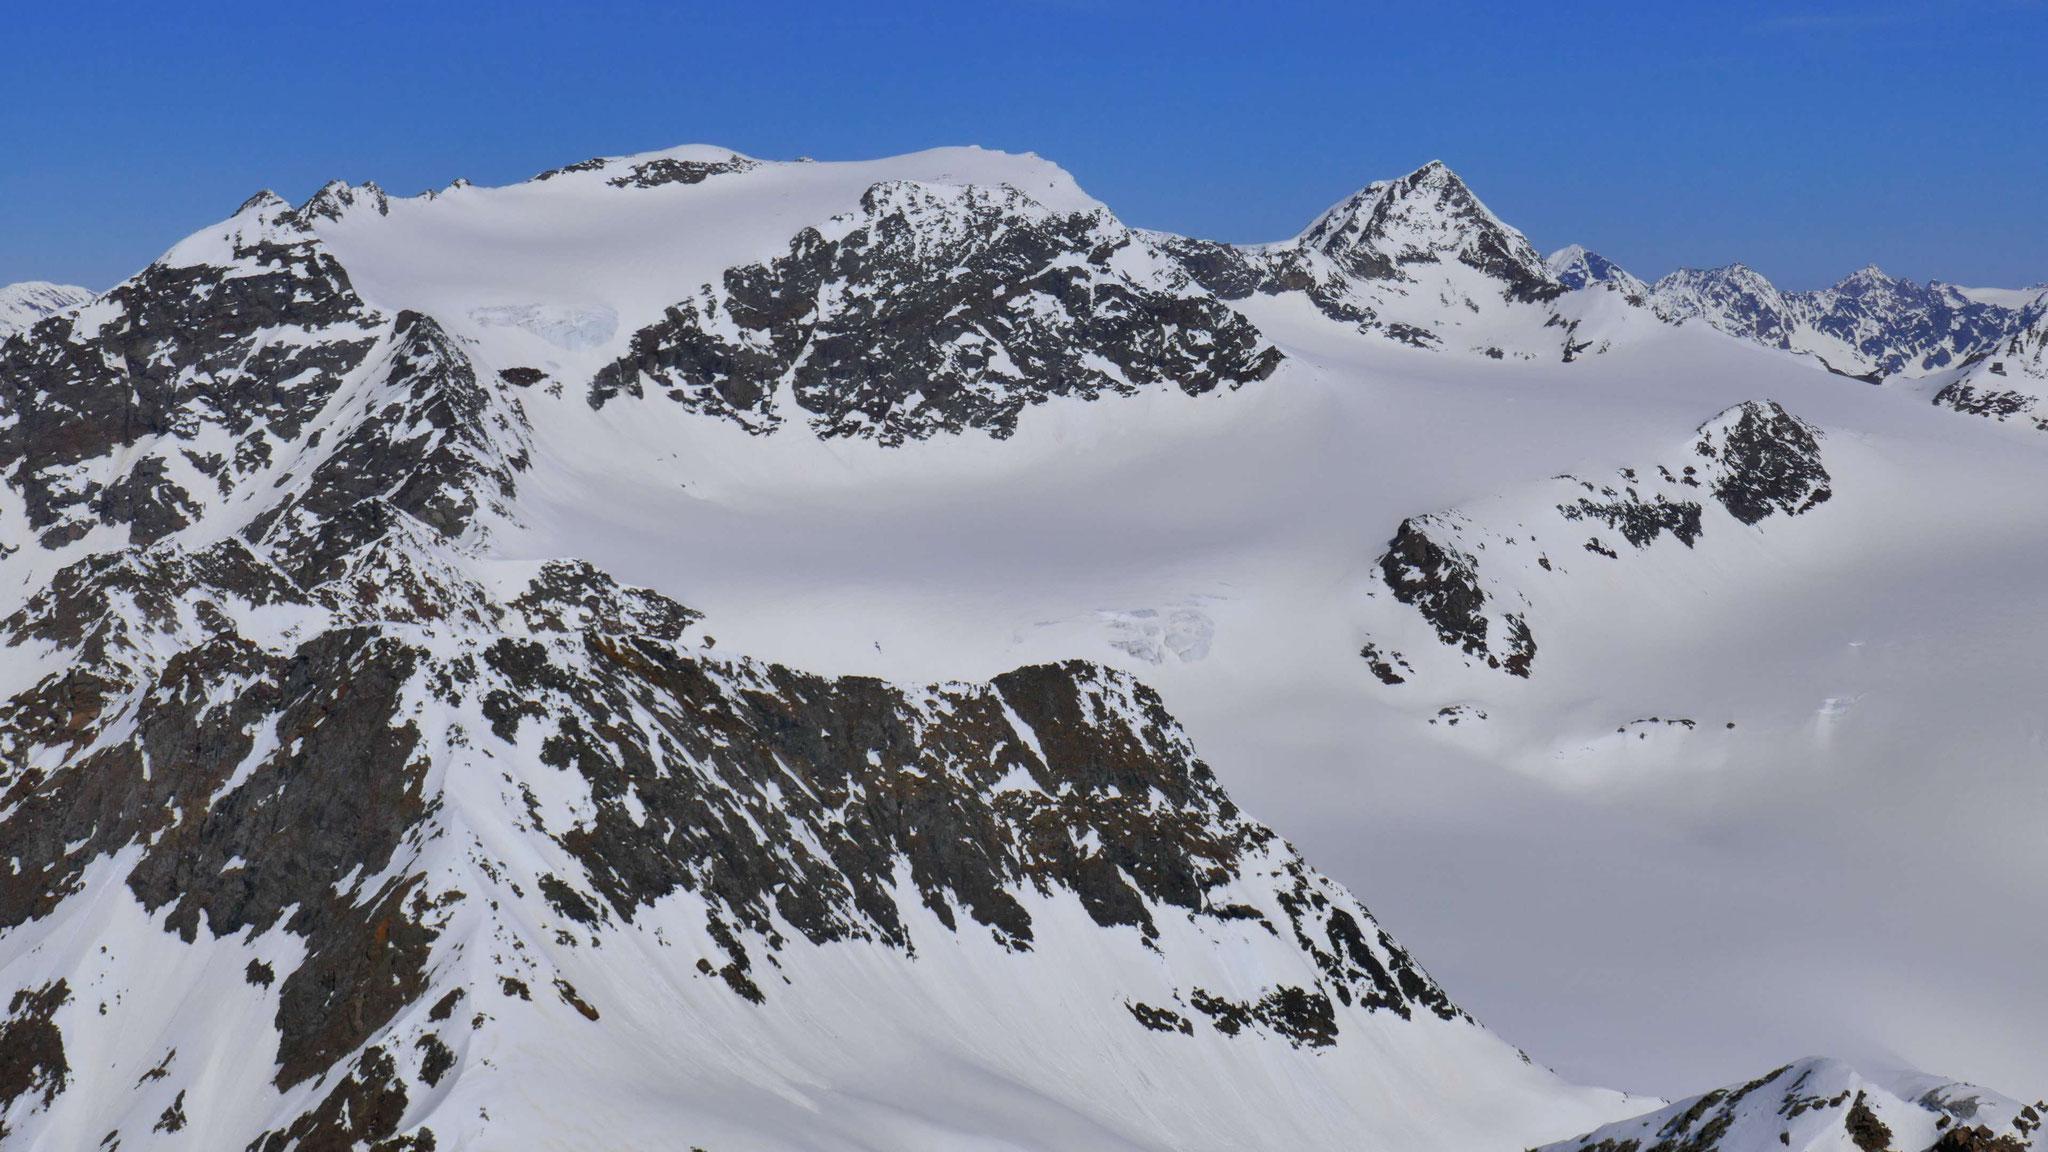 Sonklarspitze und Wilder Pfaff, links davor Hofmann- und Königshofspitze